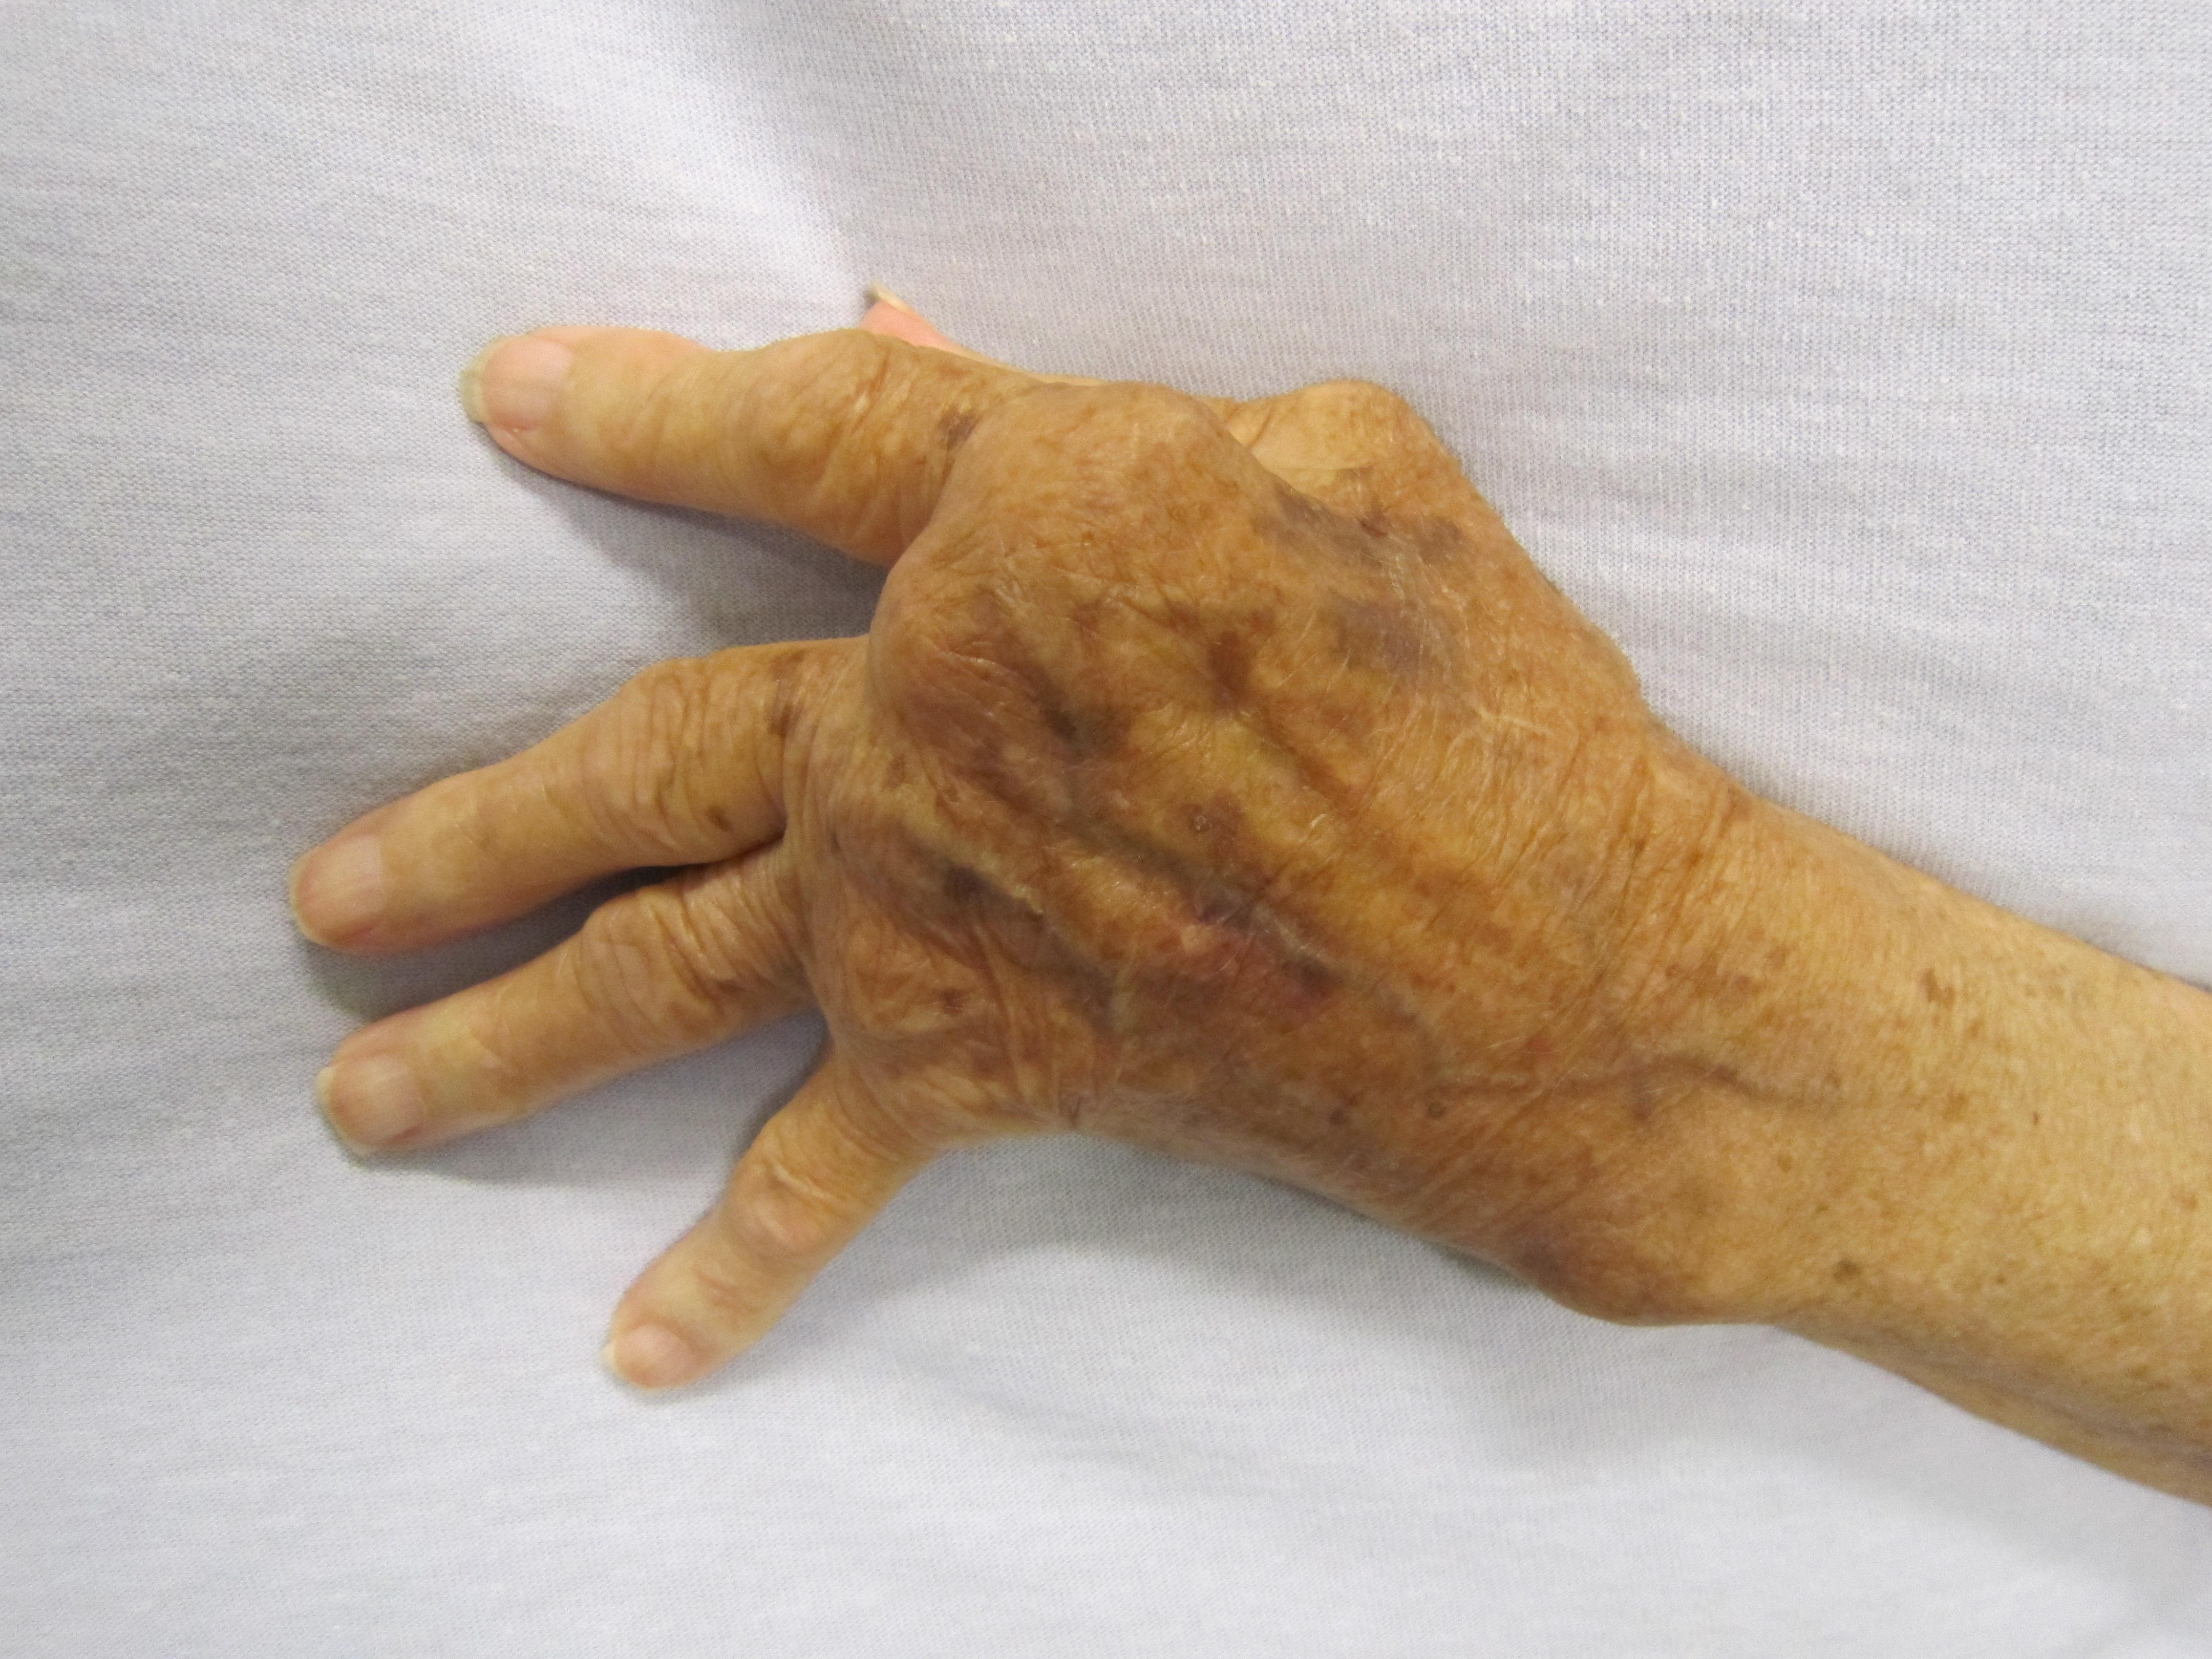 Egyéb arthritis (M13)